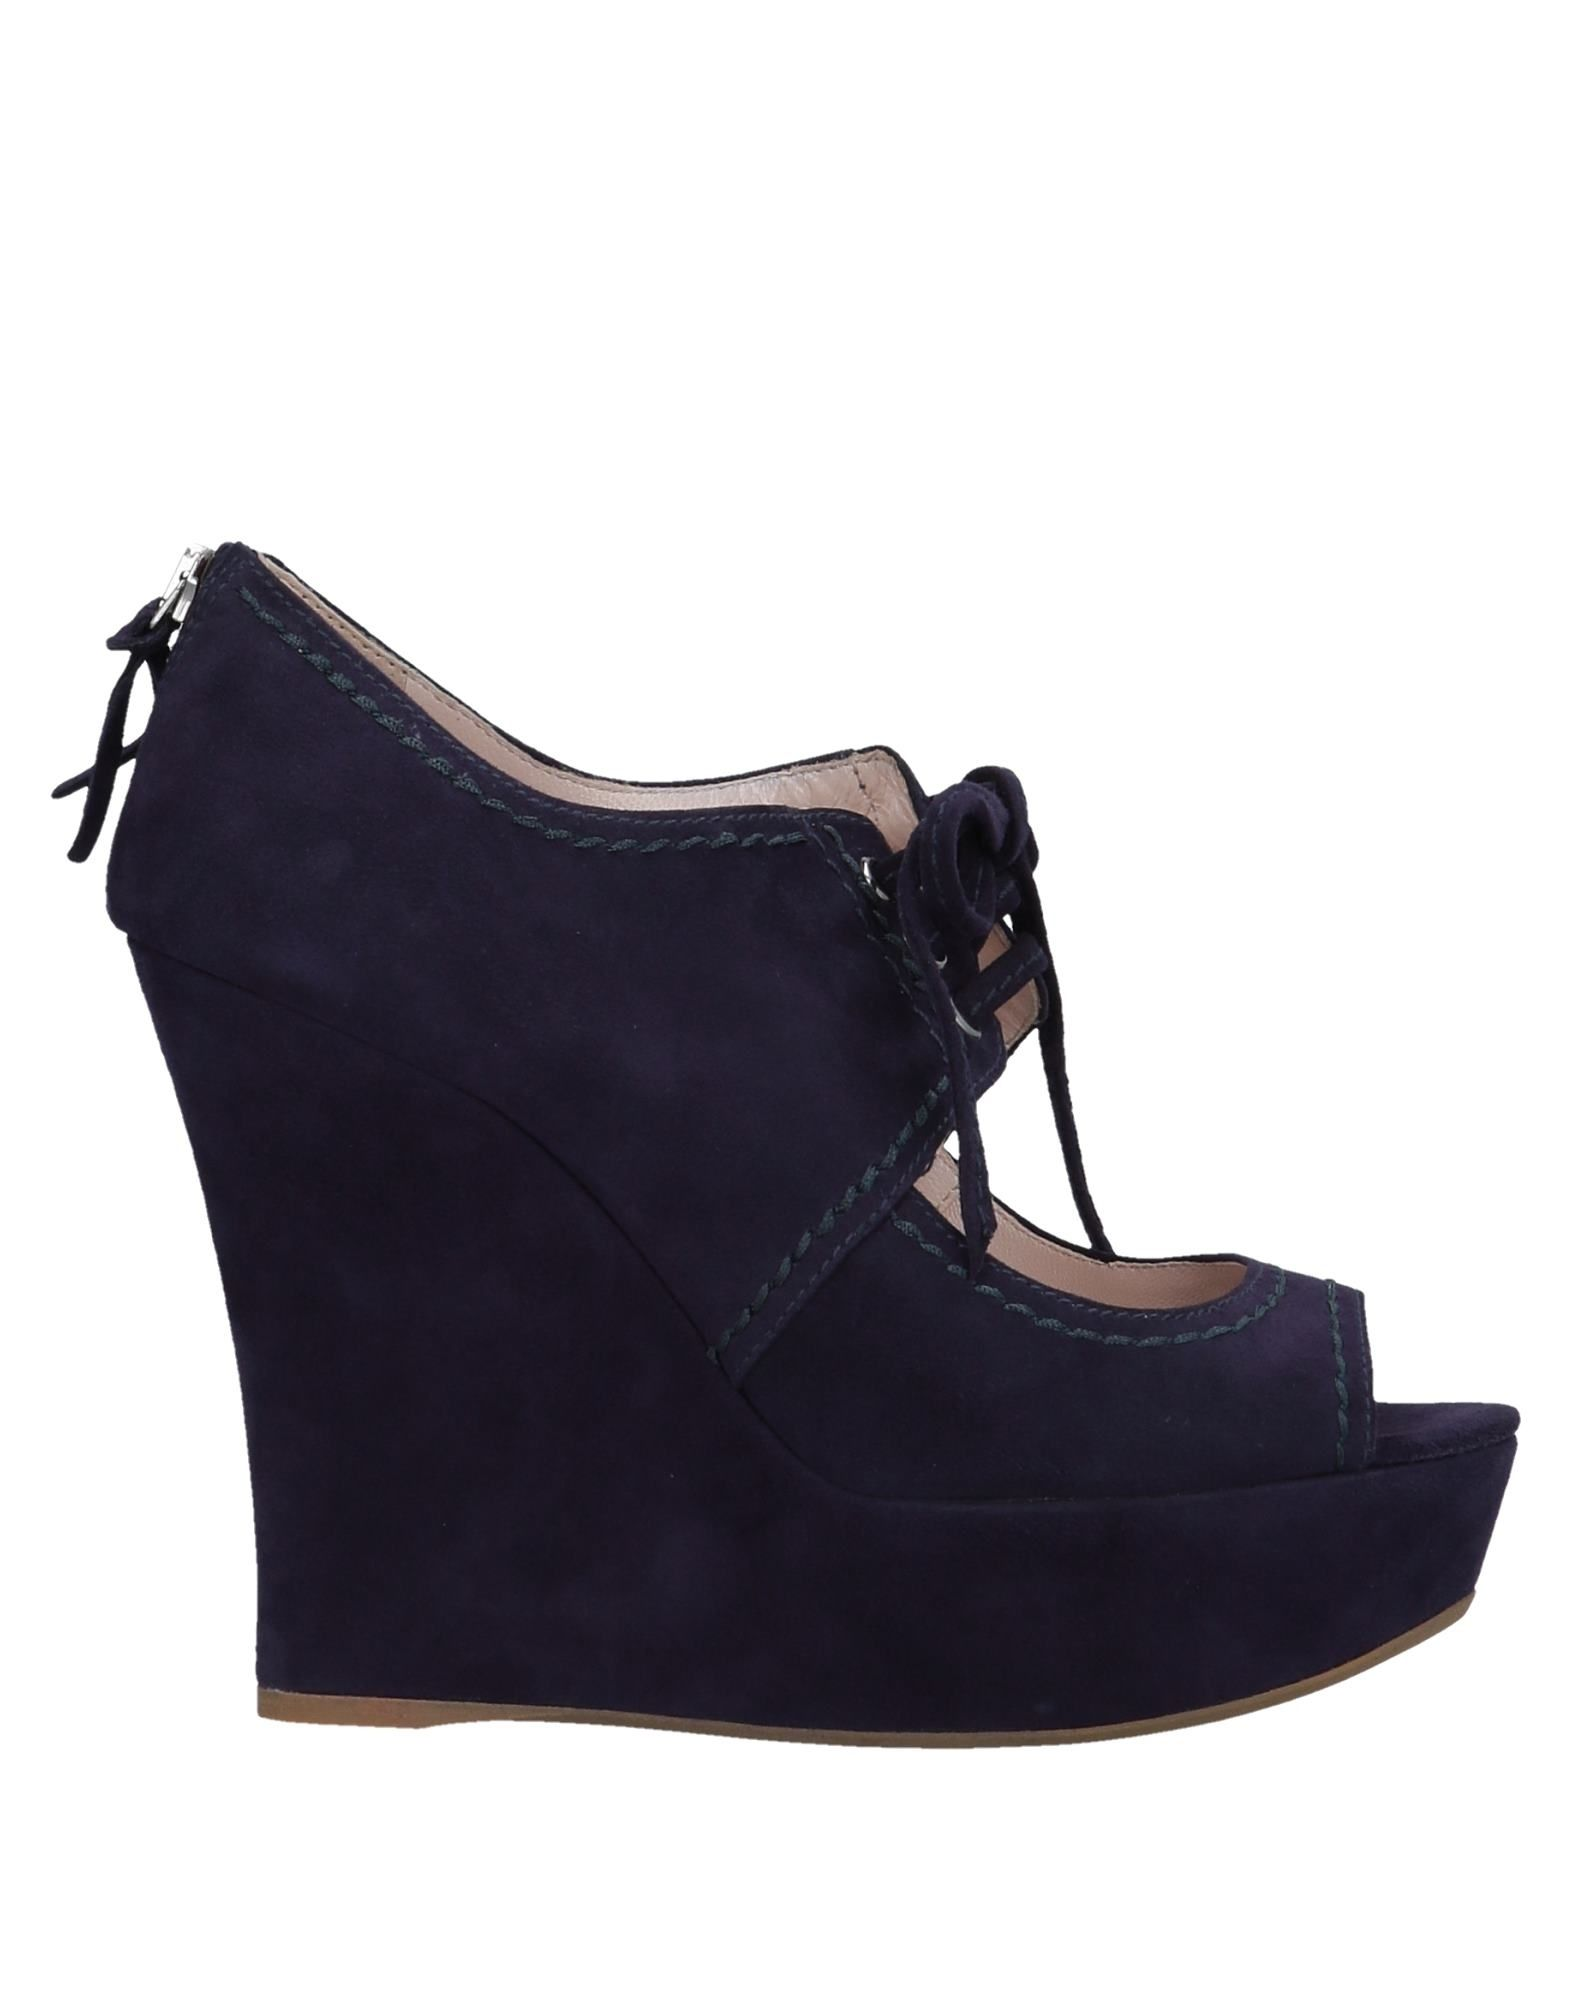 Miu Miu Stiefelette Damen Schuhe  44630314OEGünstige gut aussehende Schuhe Damen c6909e